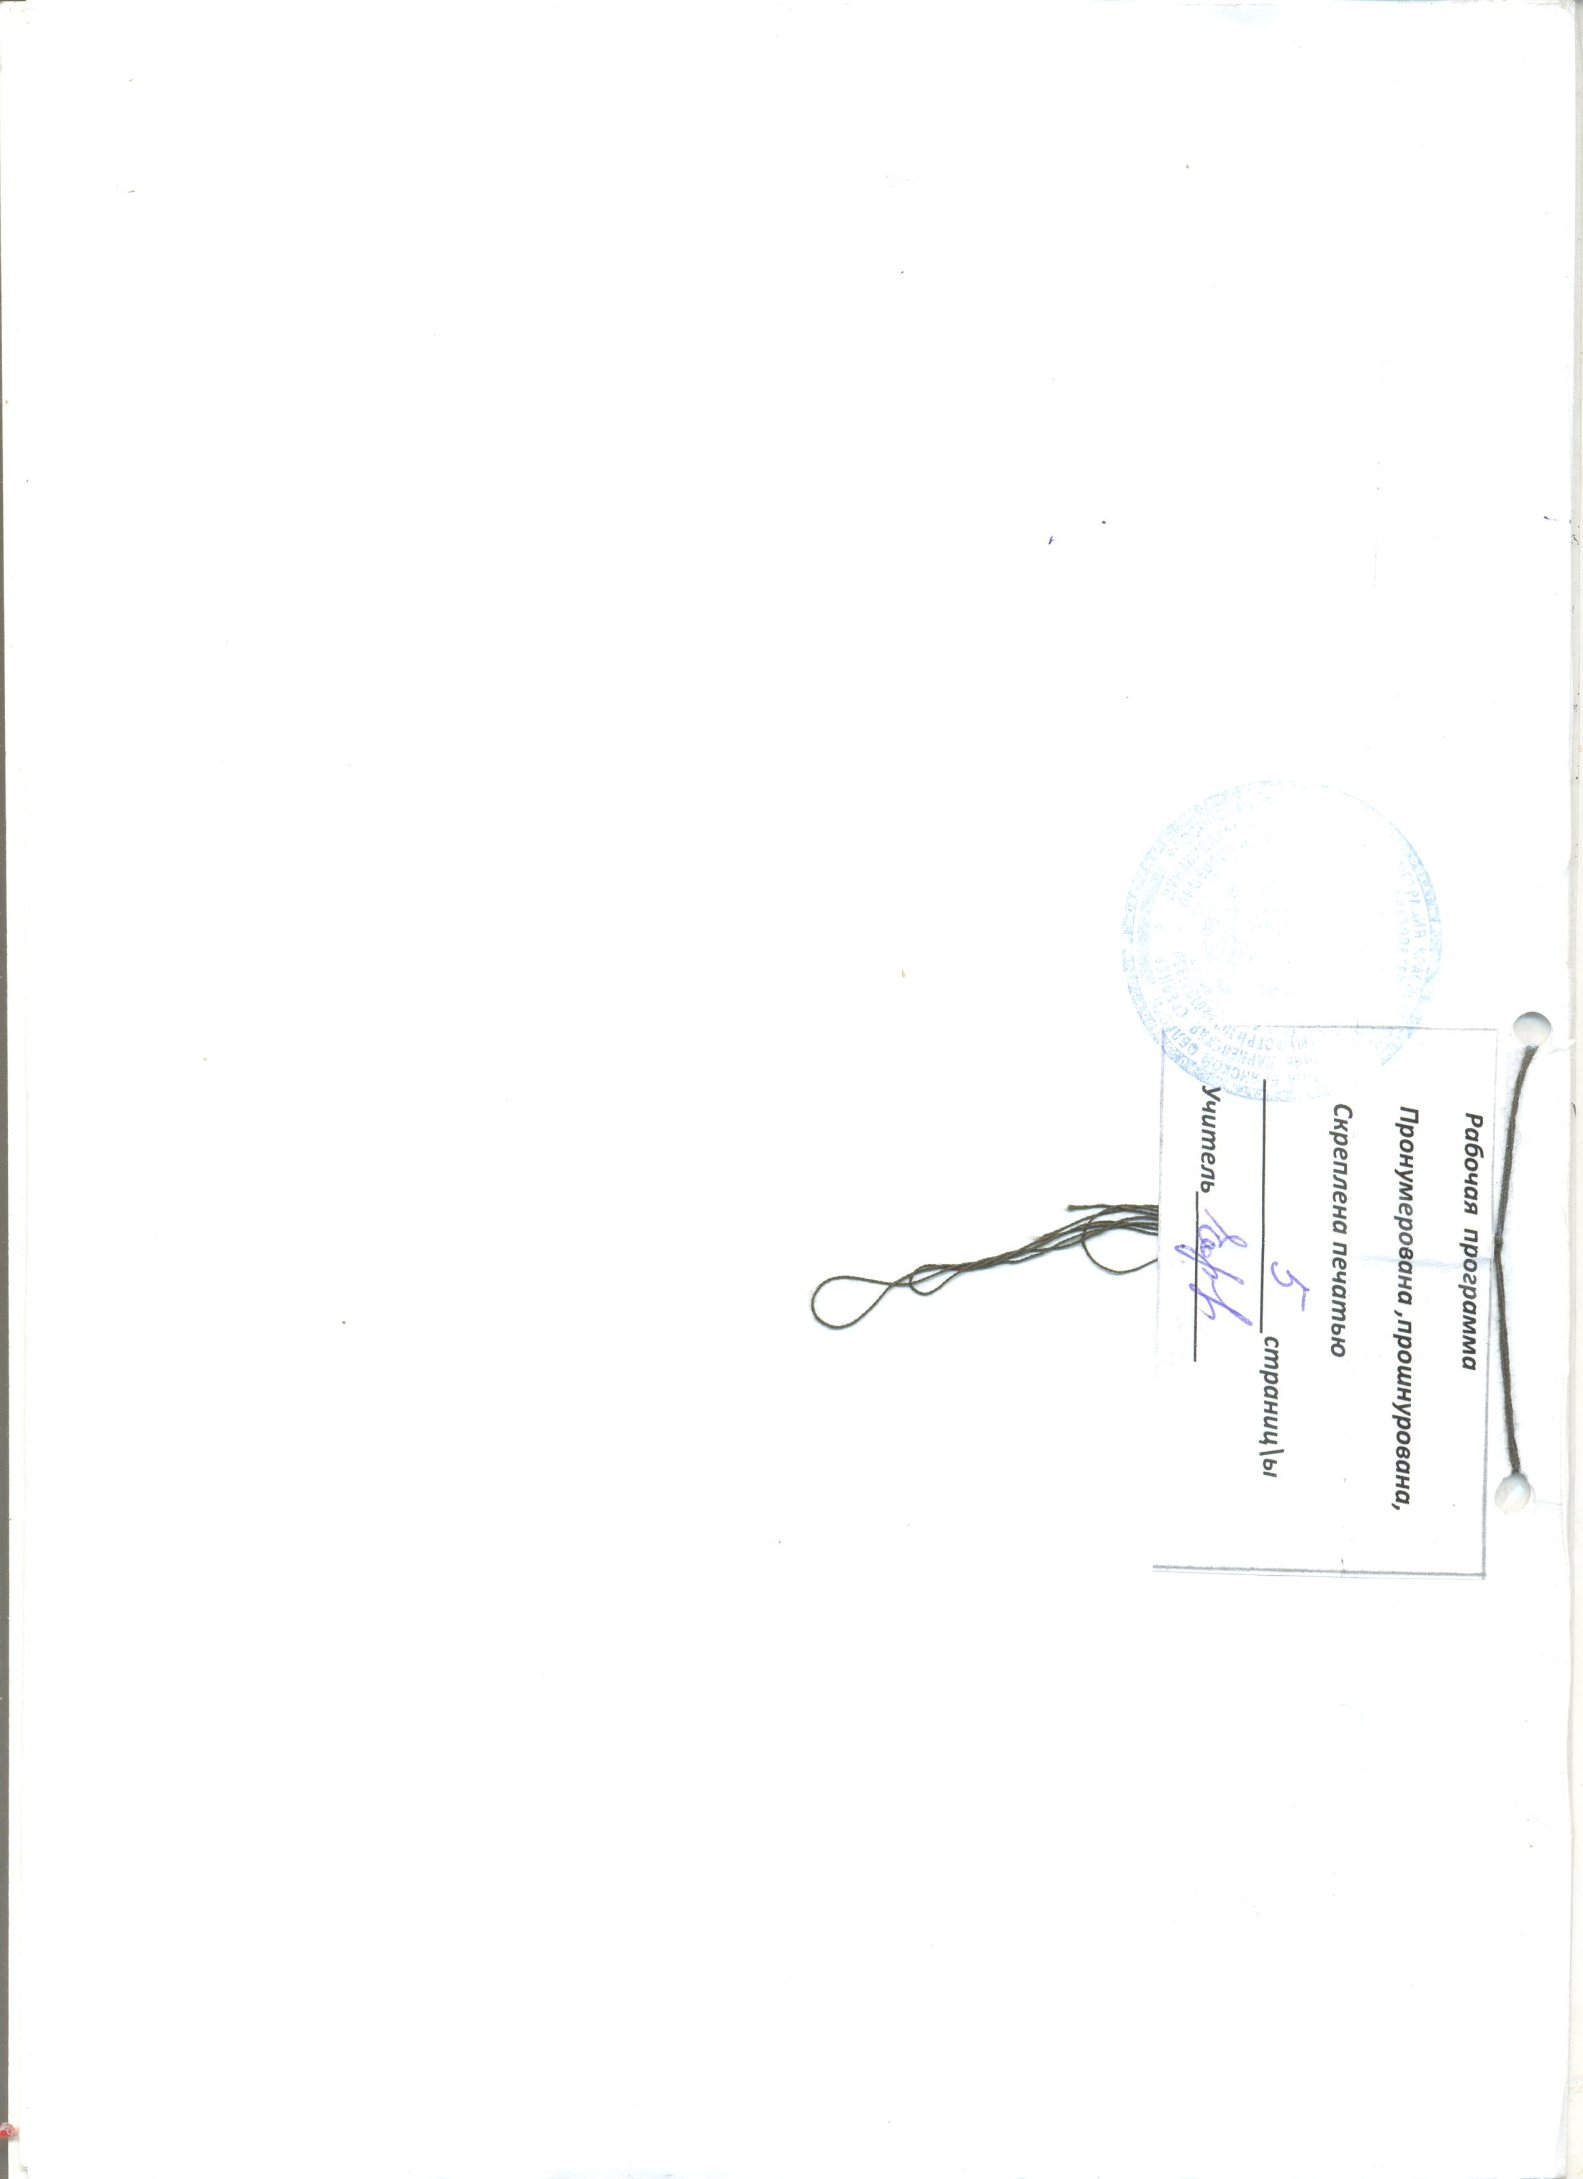 E:\ИСКЛЮЧЕНИЯ\ДОКУМЕНТЫ\планирование\2013-11-06 8 КЛАСС\8 КЛАСС 006.jpg